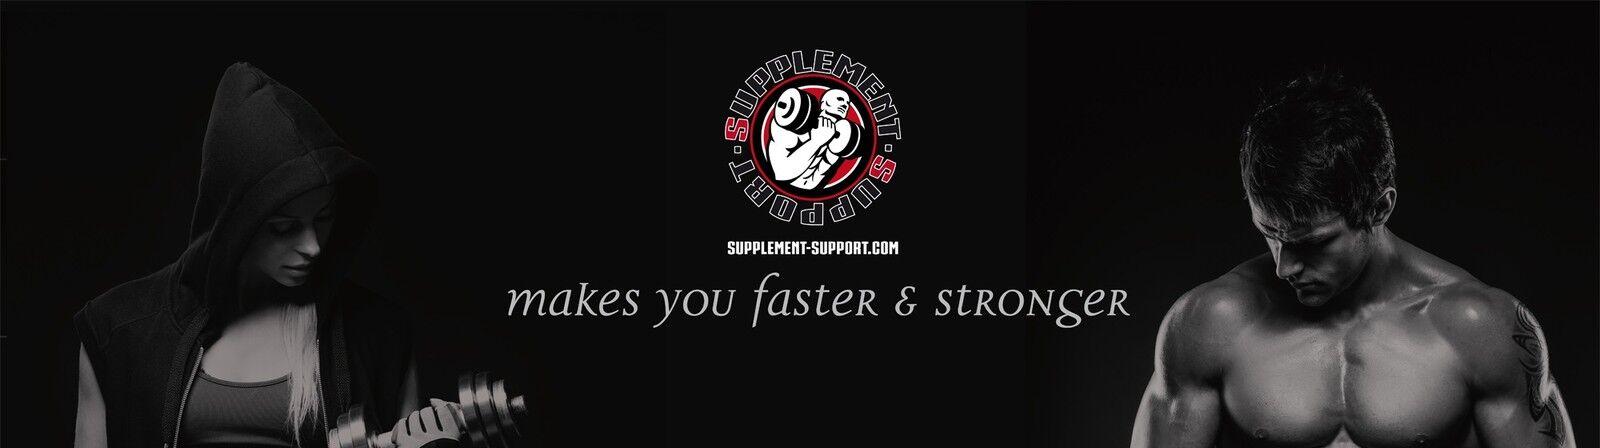 Supplement-Support-Ebayshop